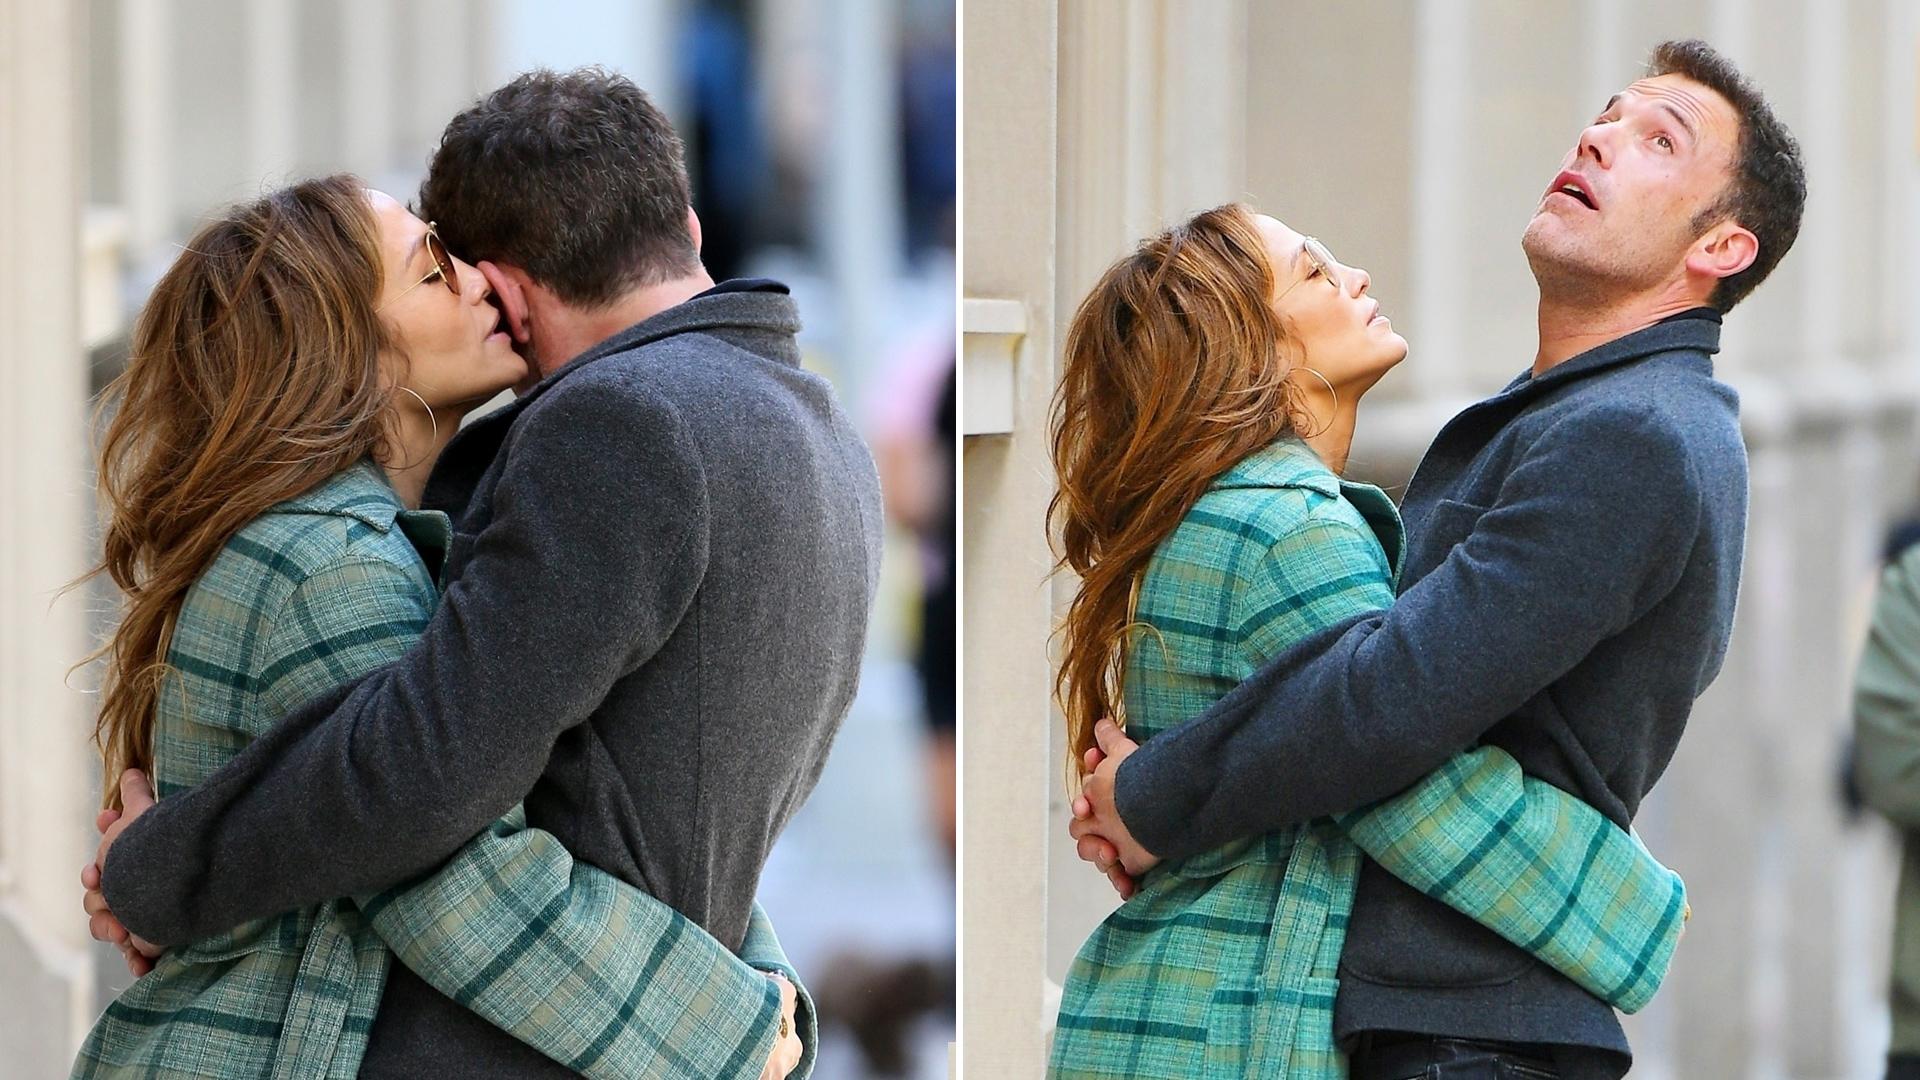 Związek Jennifer Lopez i Bena Afflecka to fejk?! Oto dowody